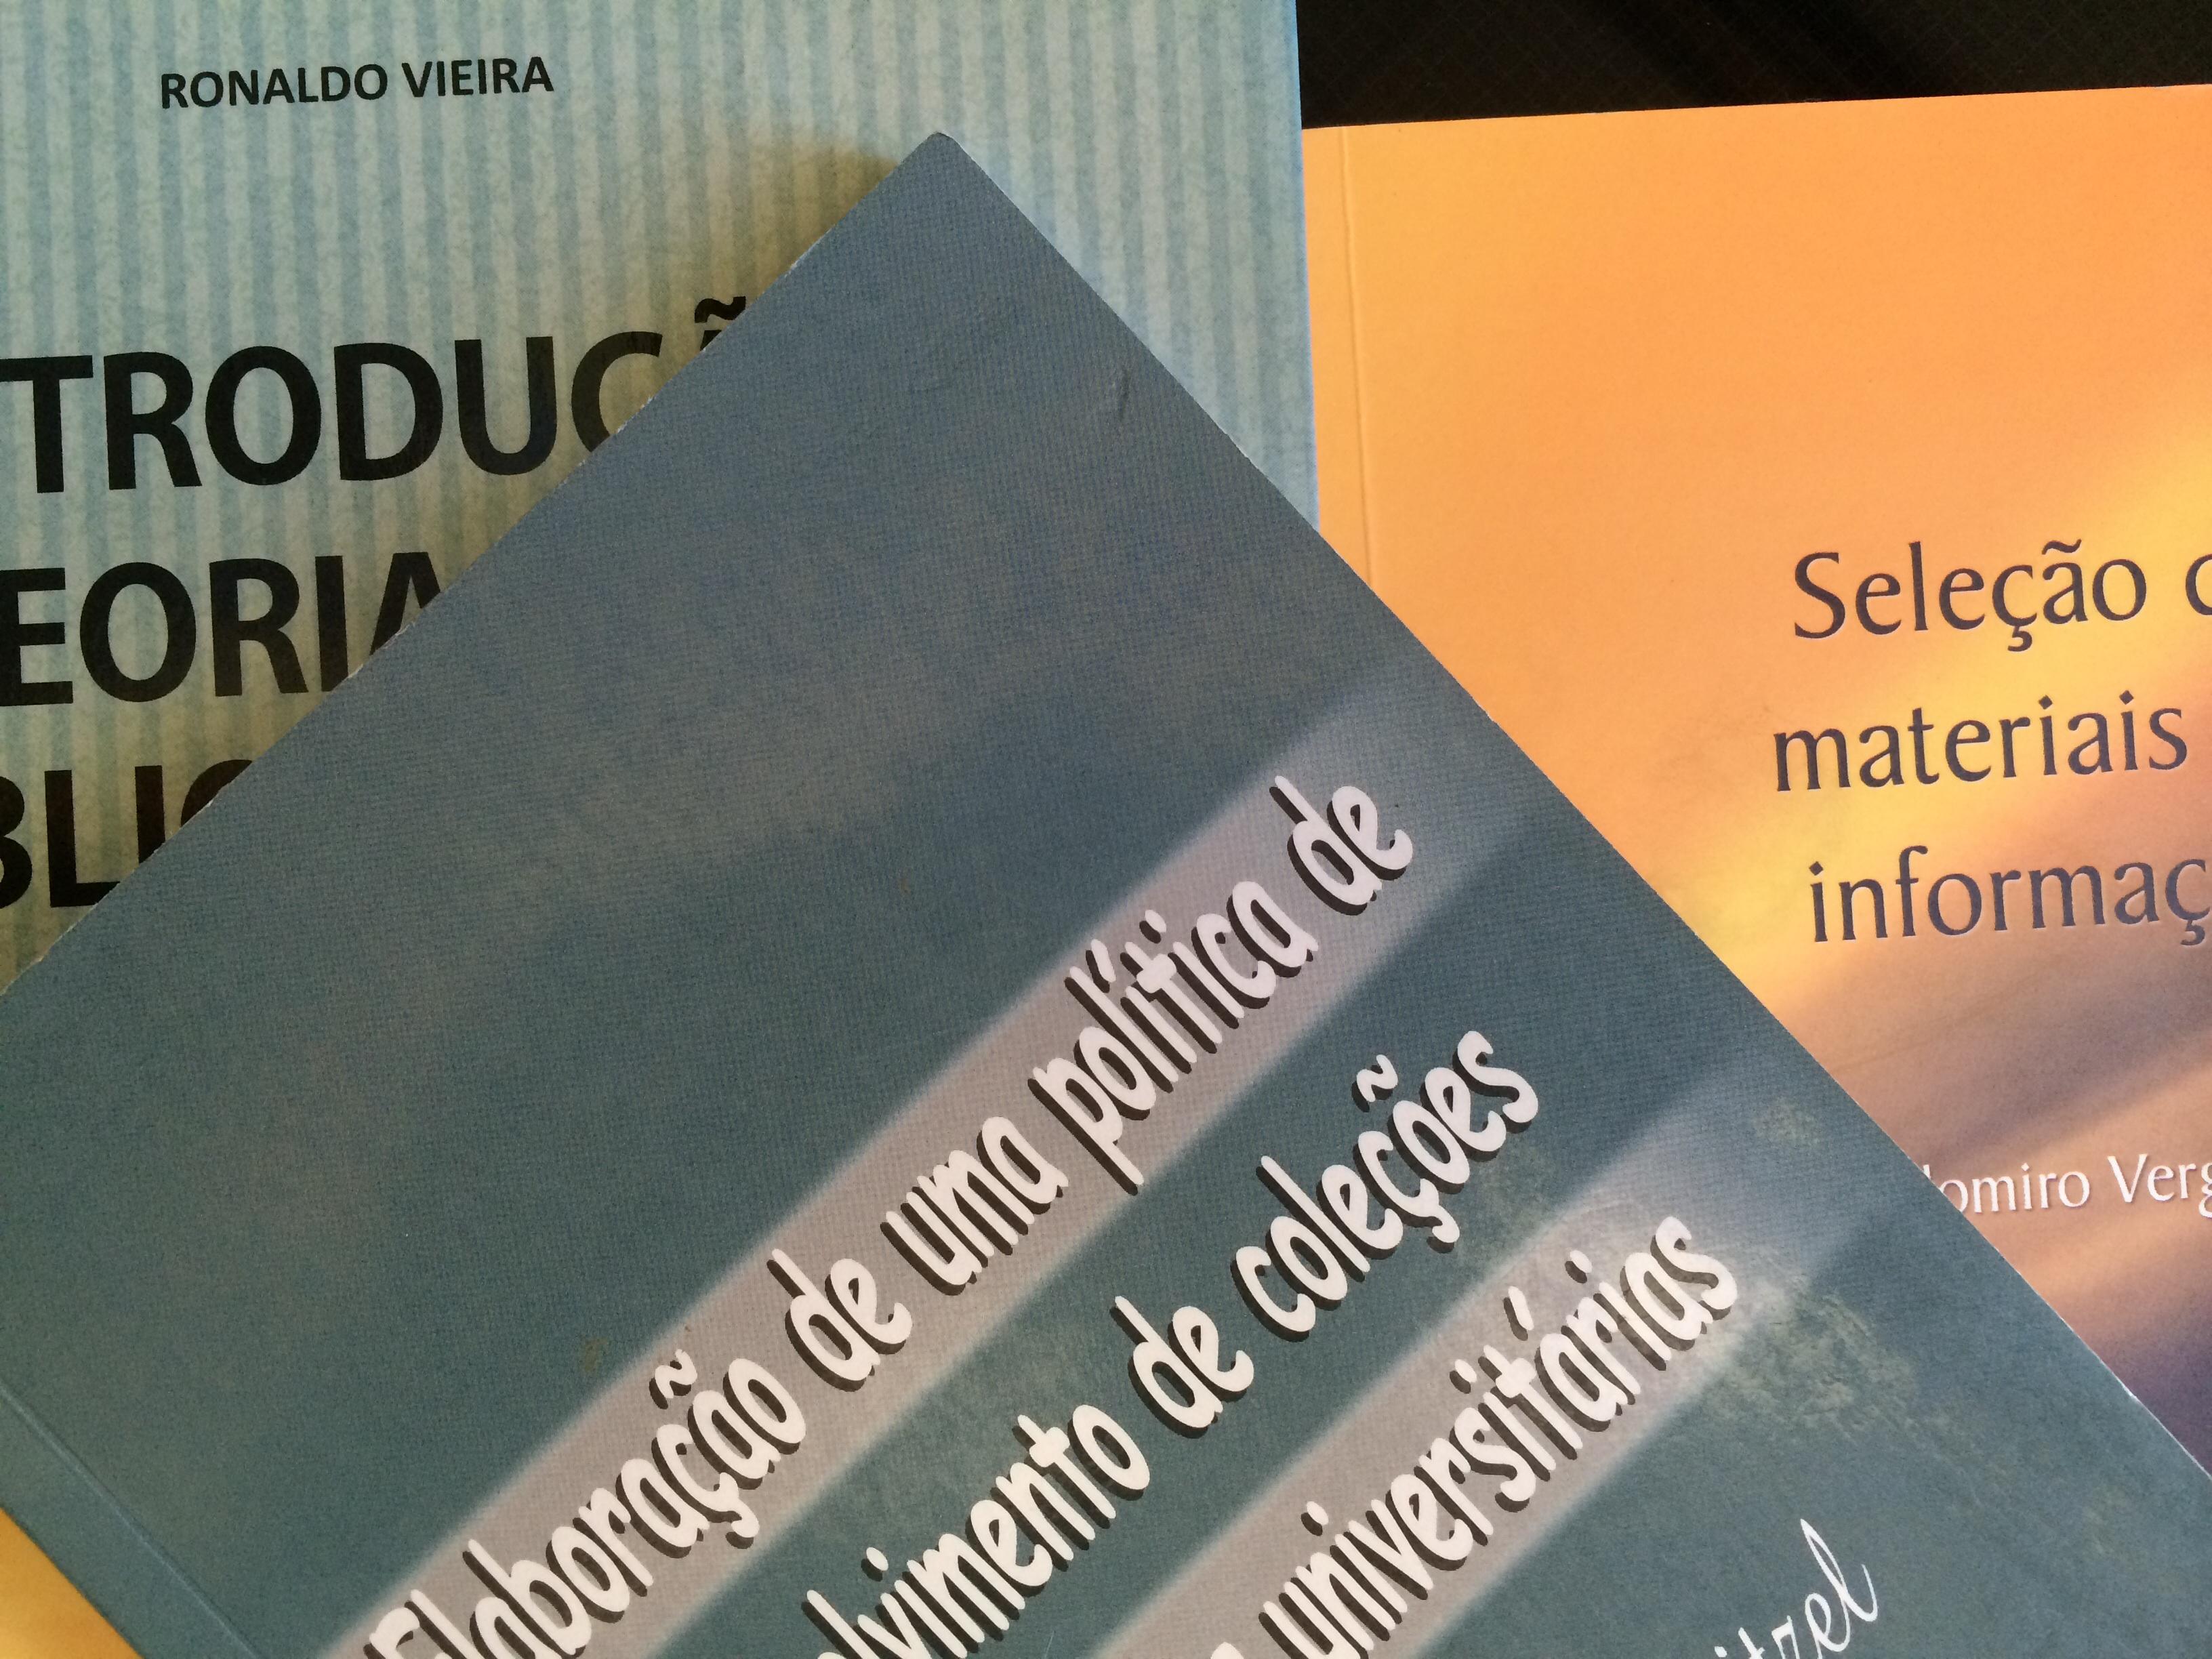 Gustavo henn bibliotecrios sem fronteiras ebooks e o desenvolvimento de colees fandeluxe Choice Image